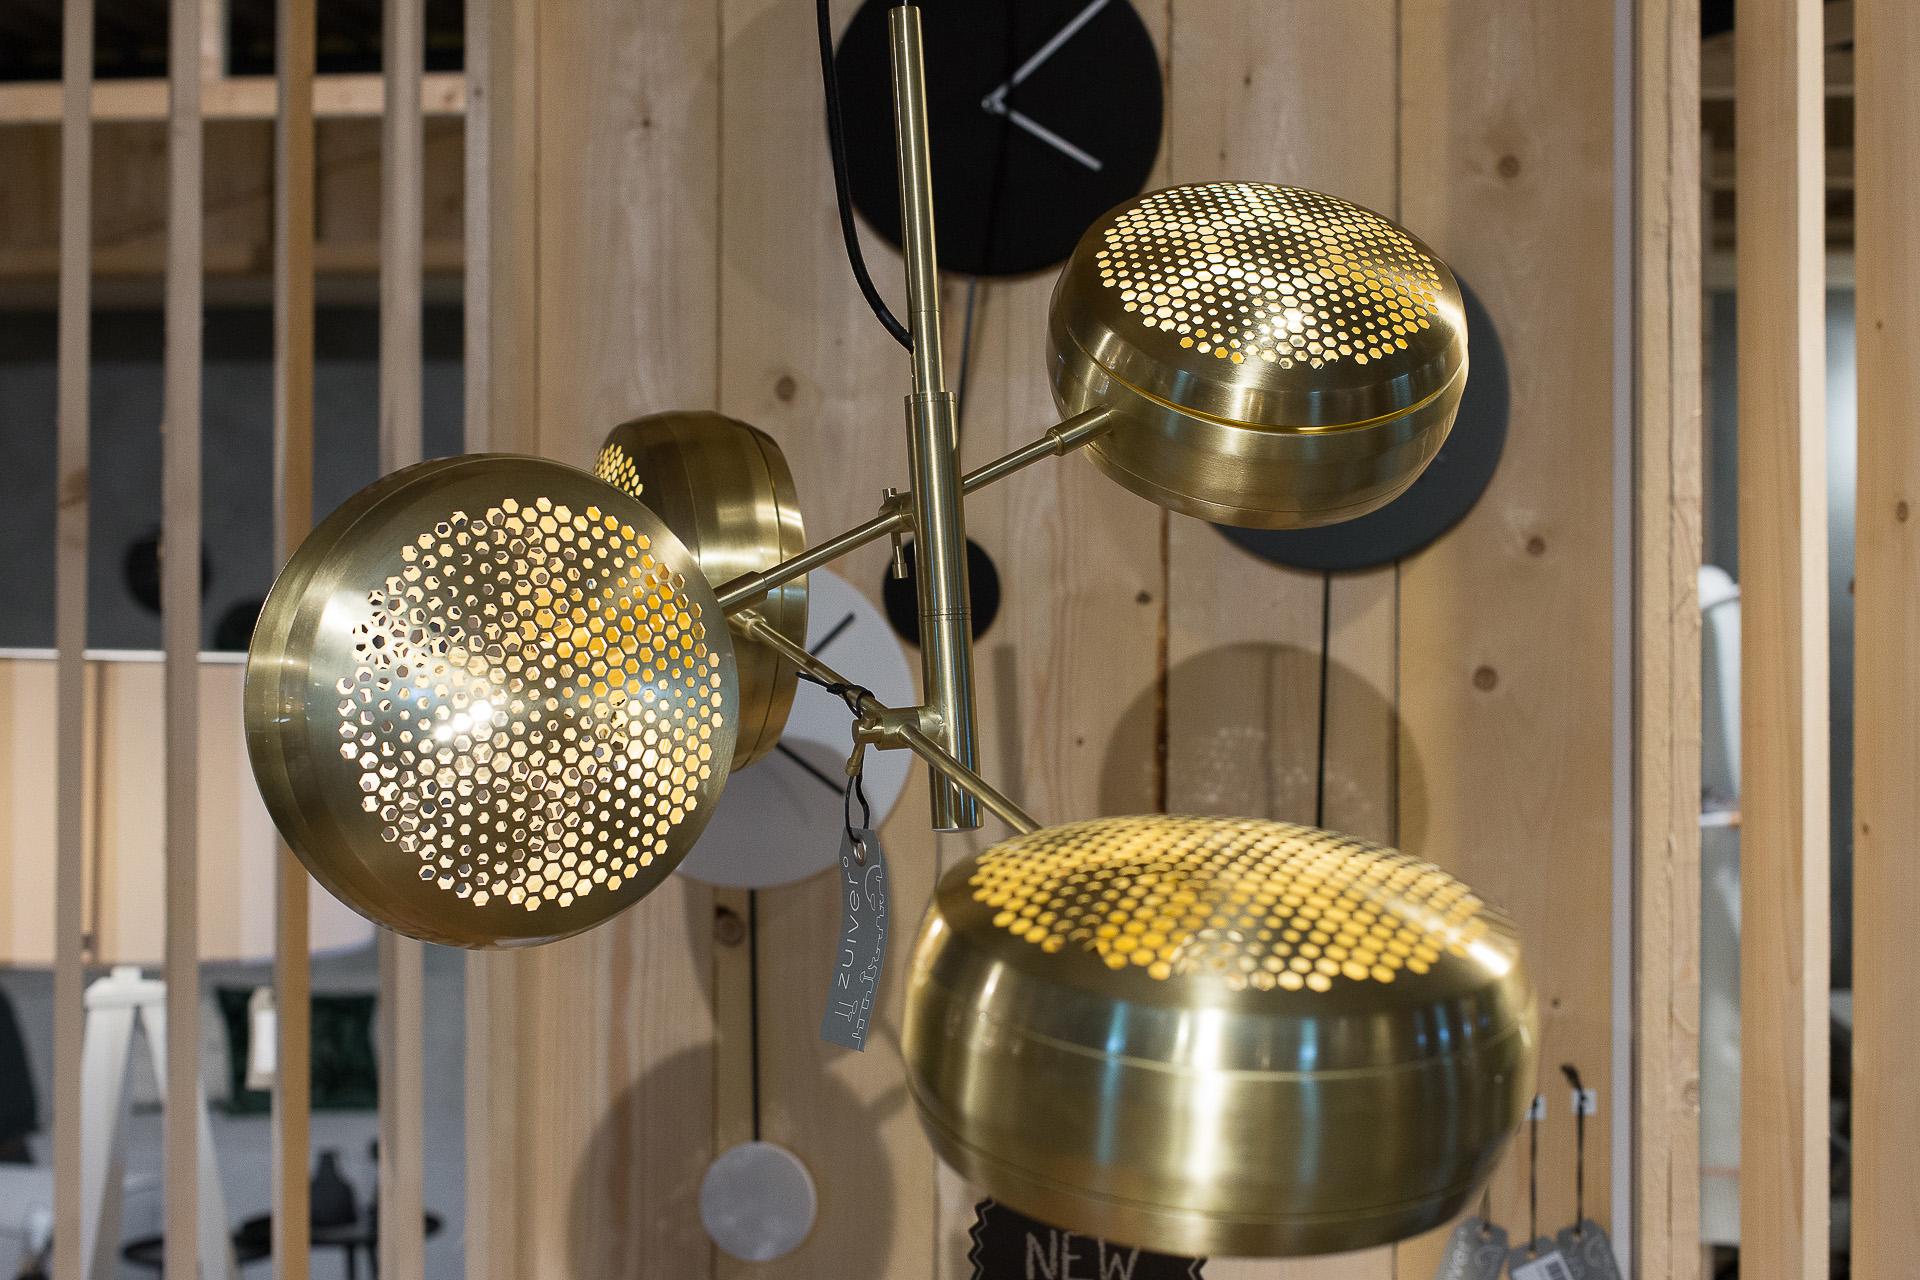 Inneneinrichtung Heidelberg, Mannheim, Stuttgart - Gaffga Interieur Design - Moebel von Zuiver, Haengeleuchten in Gold